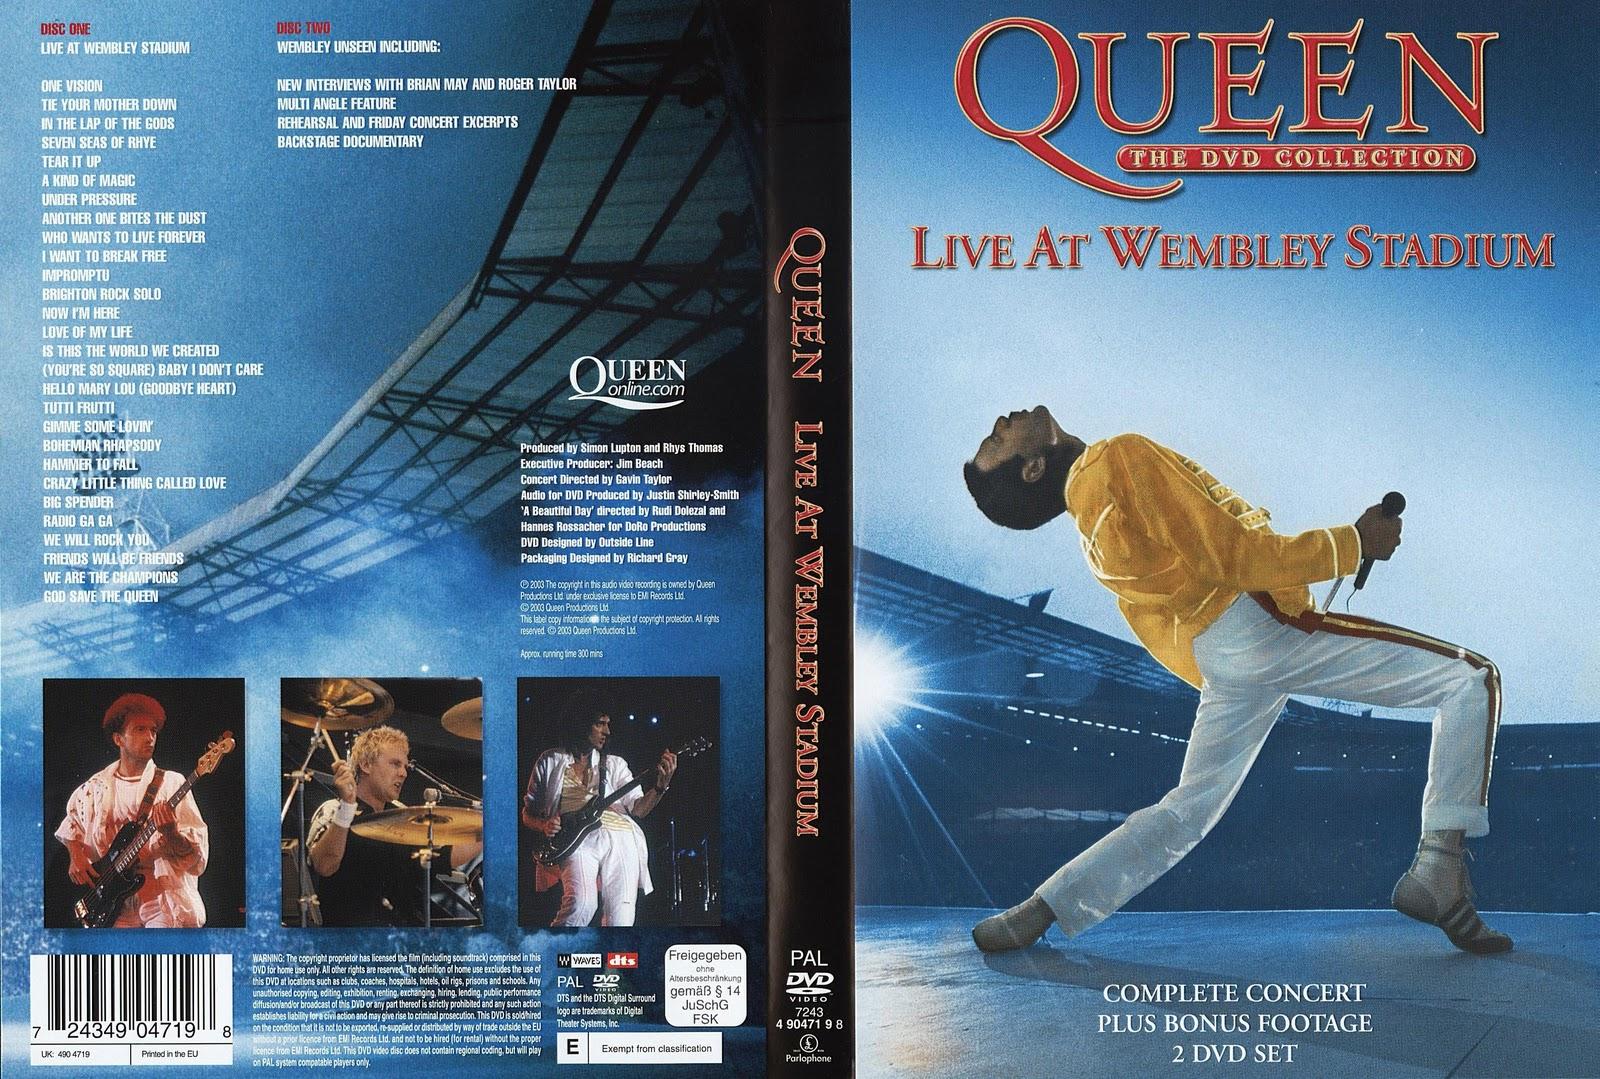 Crashfilepics Queen Live At Wembley Stadium 2 Dvd Cover Artwork